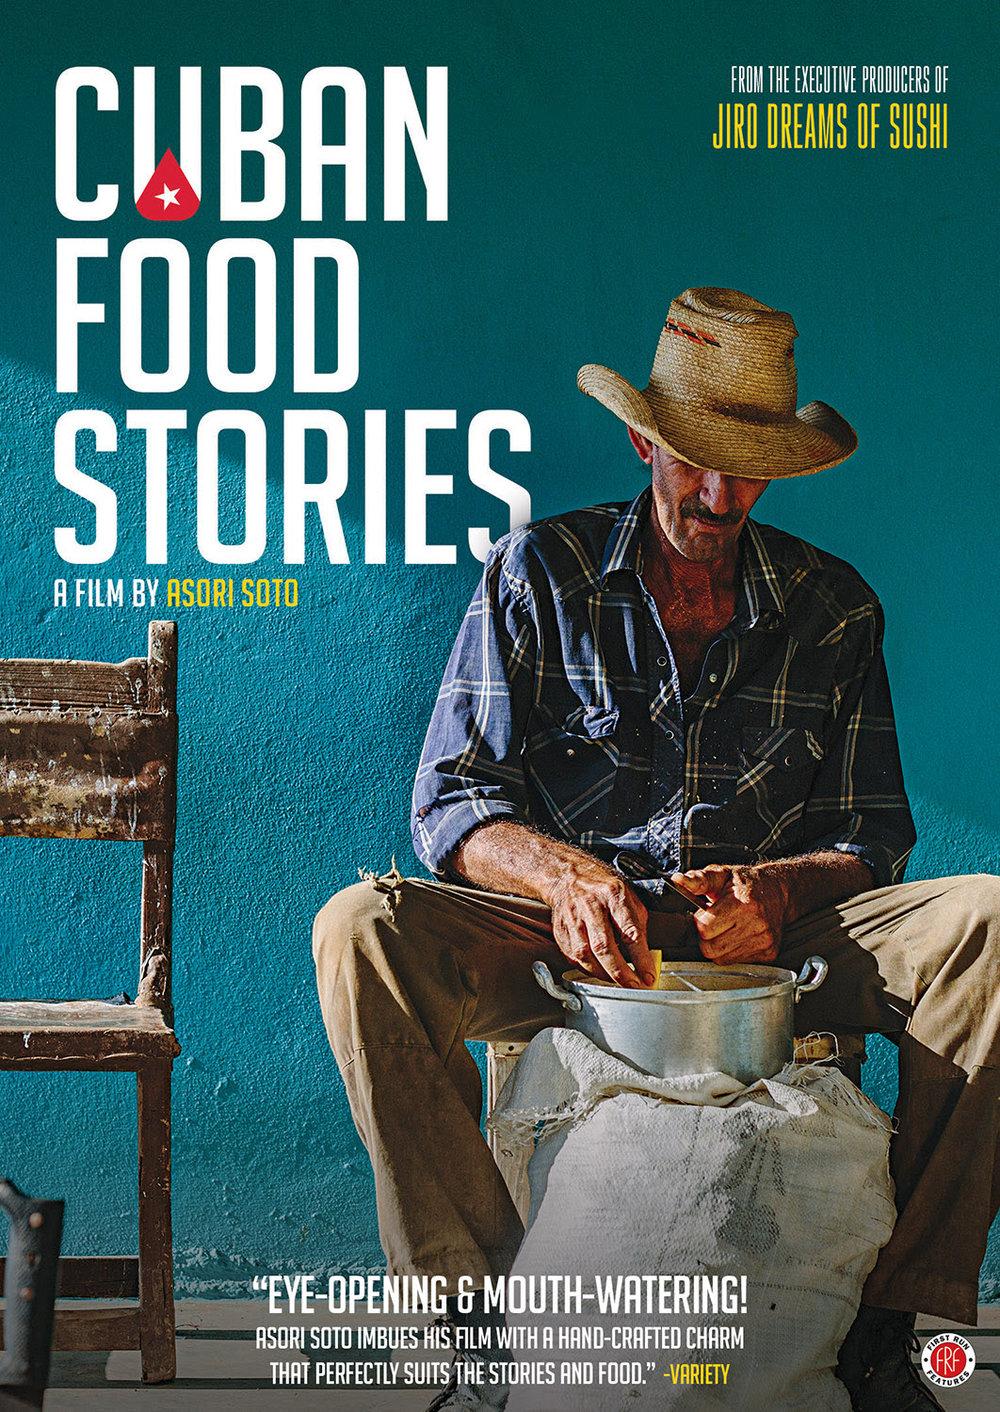 Cuban Food Stories Movie Poster.jpg